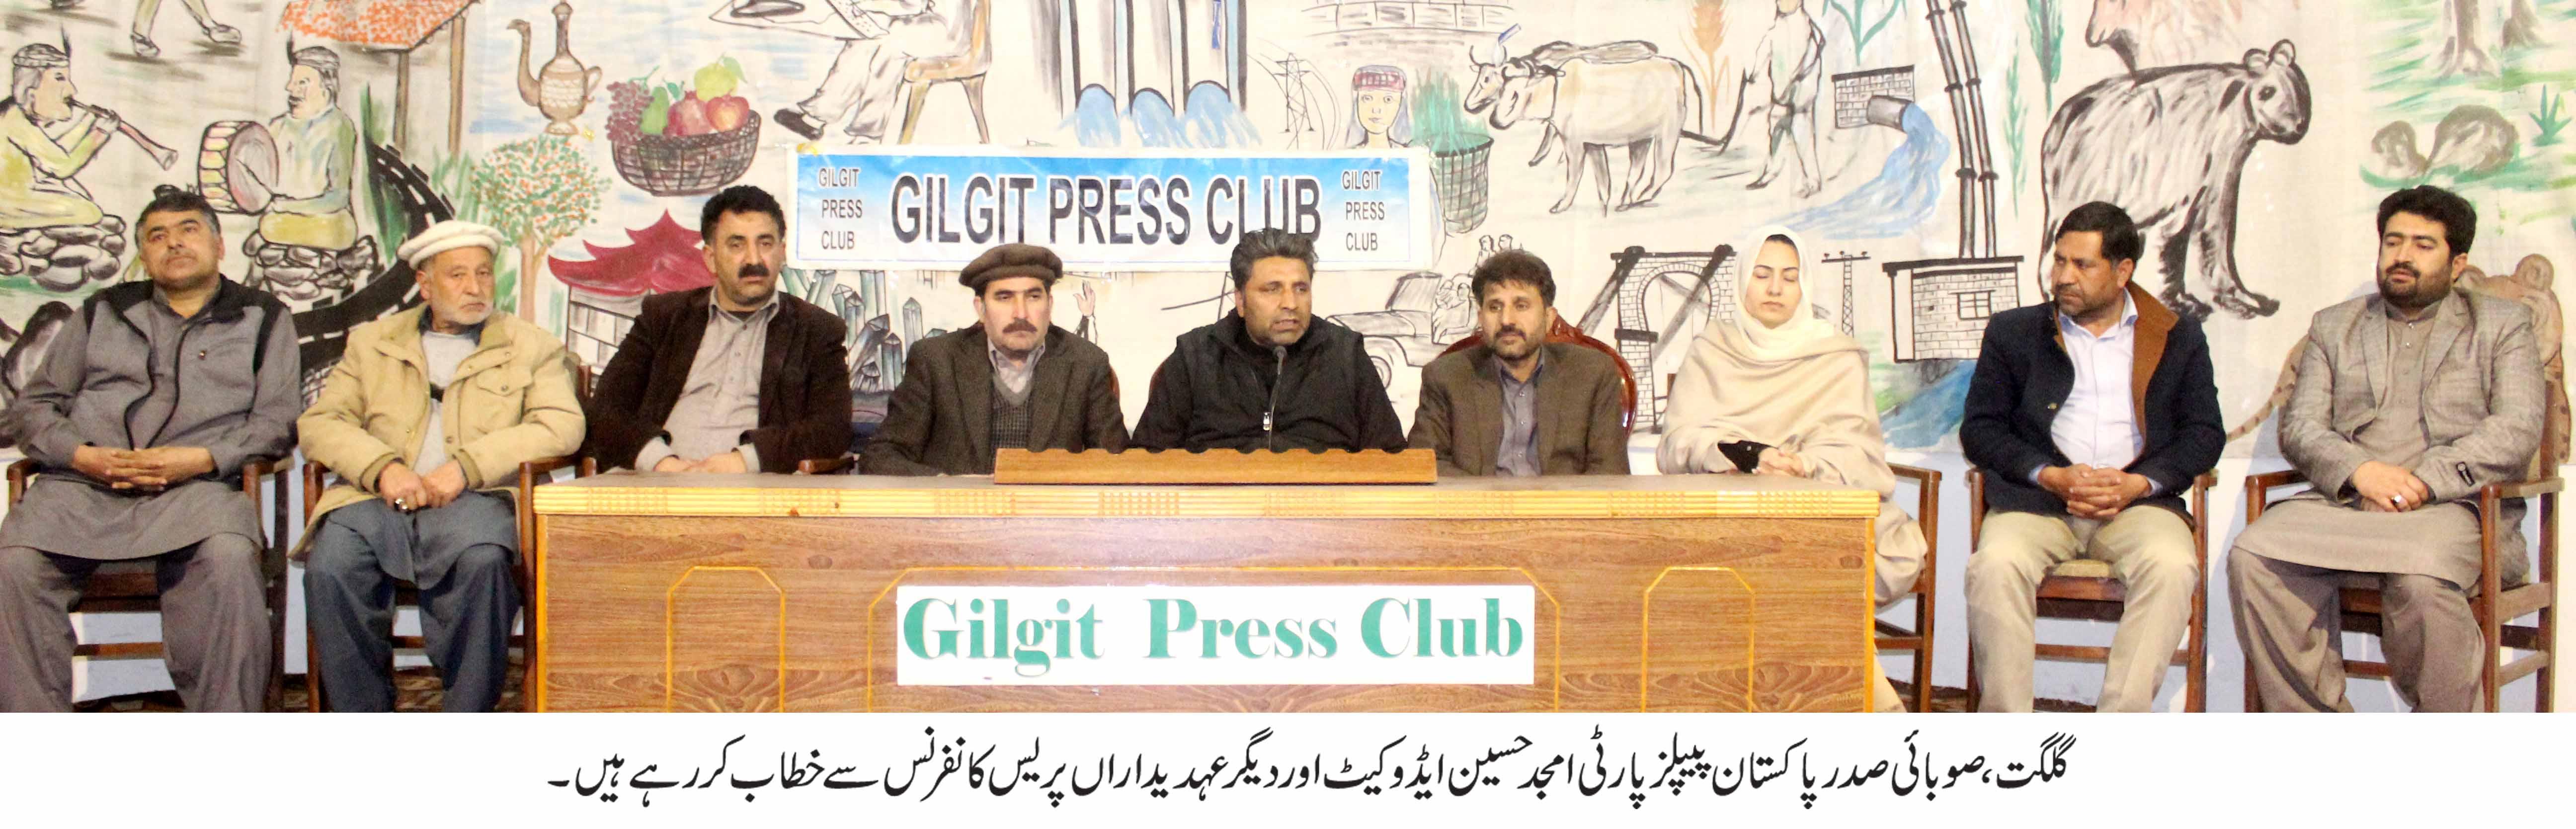 انتظامیہ حکومت کے دباو پر غلط فیصلے کررہا ہے۔ پاکستان پیپلز پارٹی کے رہنماوں کا پریس کانفرنس